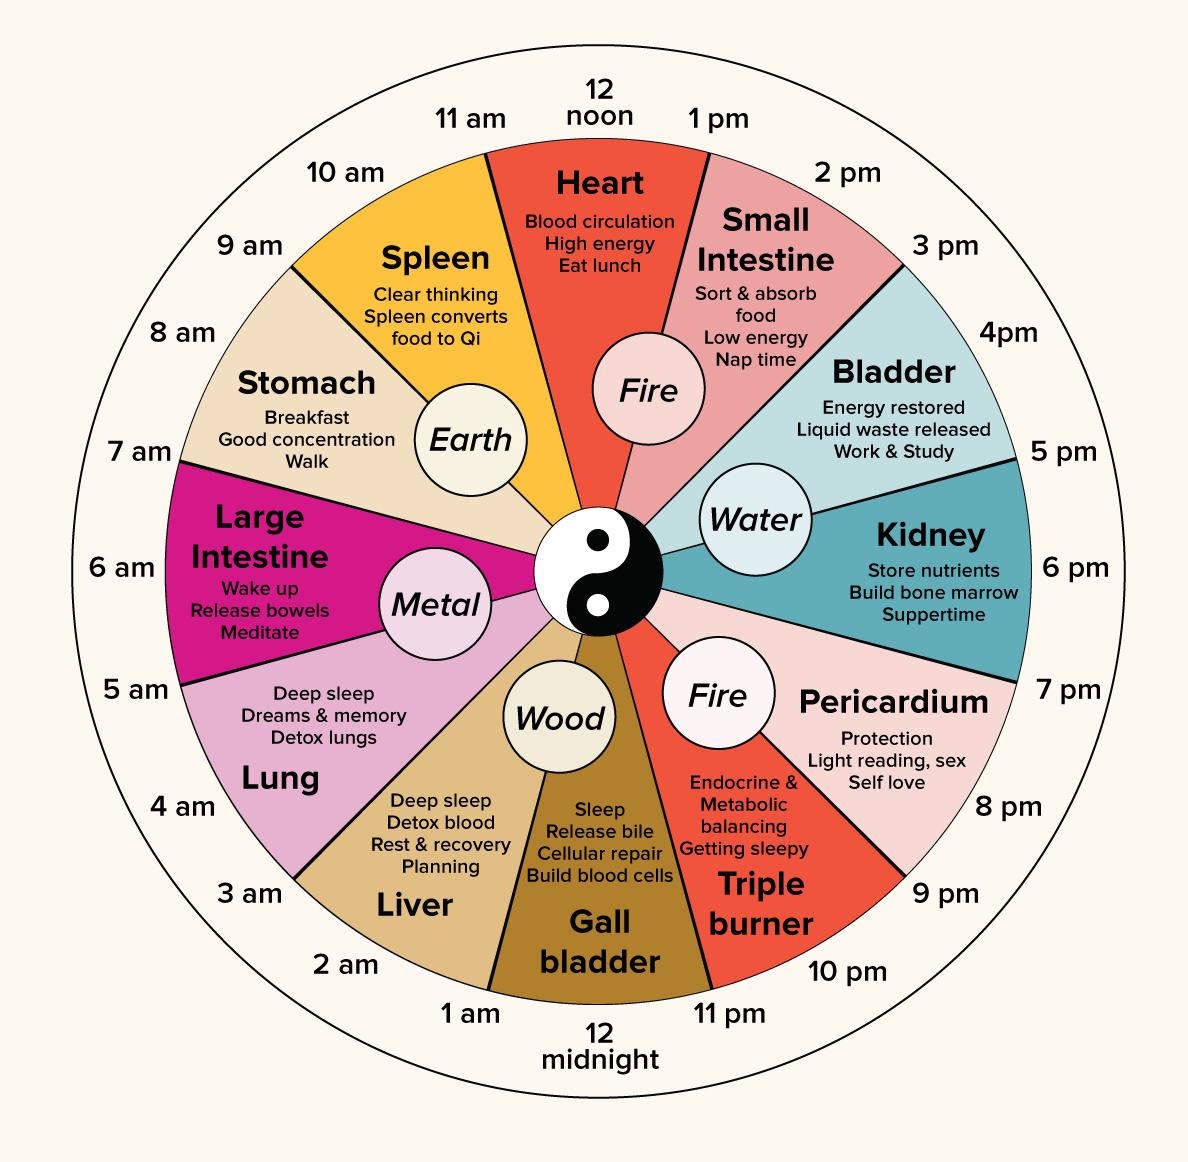 جدول زمانی ارگانهای نظارتکنندهی نصفالنهارها